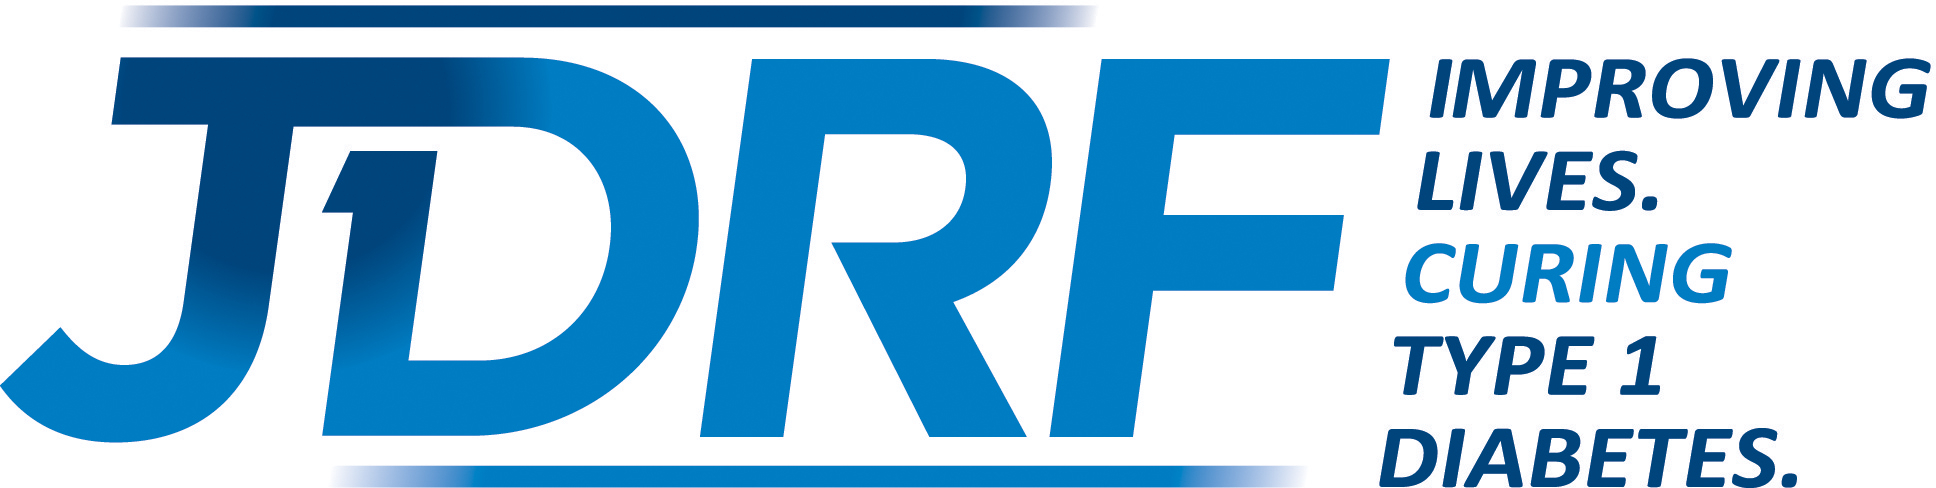 jdrf-logo-hd.jpg